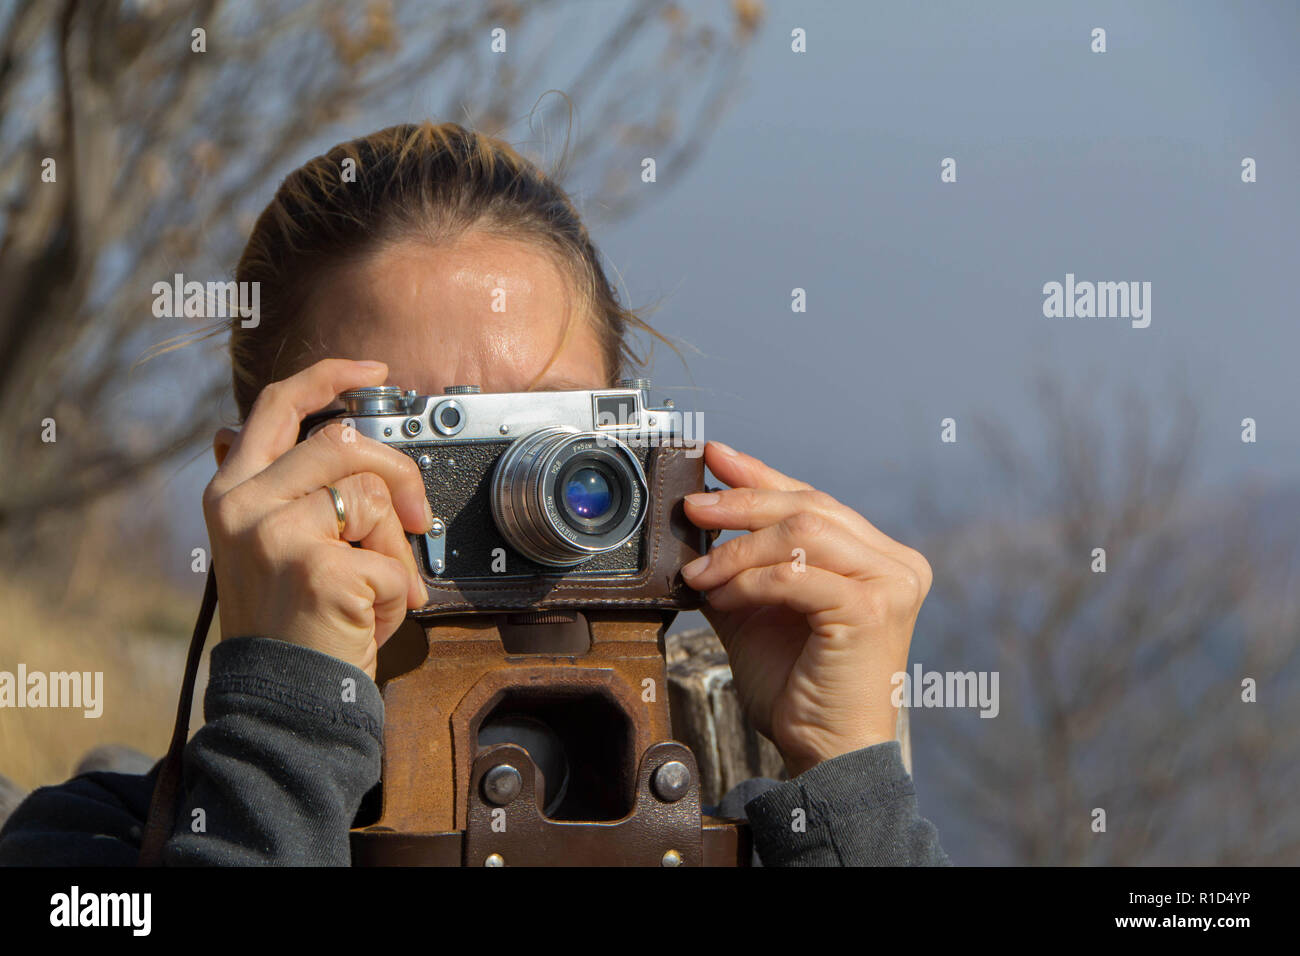 Entfernungsmesser Für Fotografie : Eine frau nimmt bilder mit dem alten sowjetischen entfernungsmesser